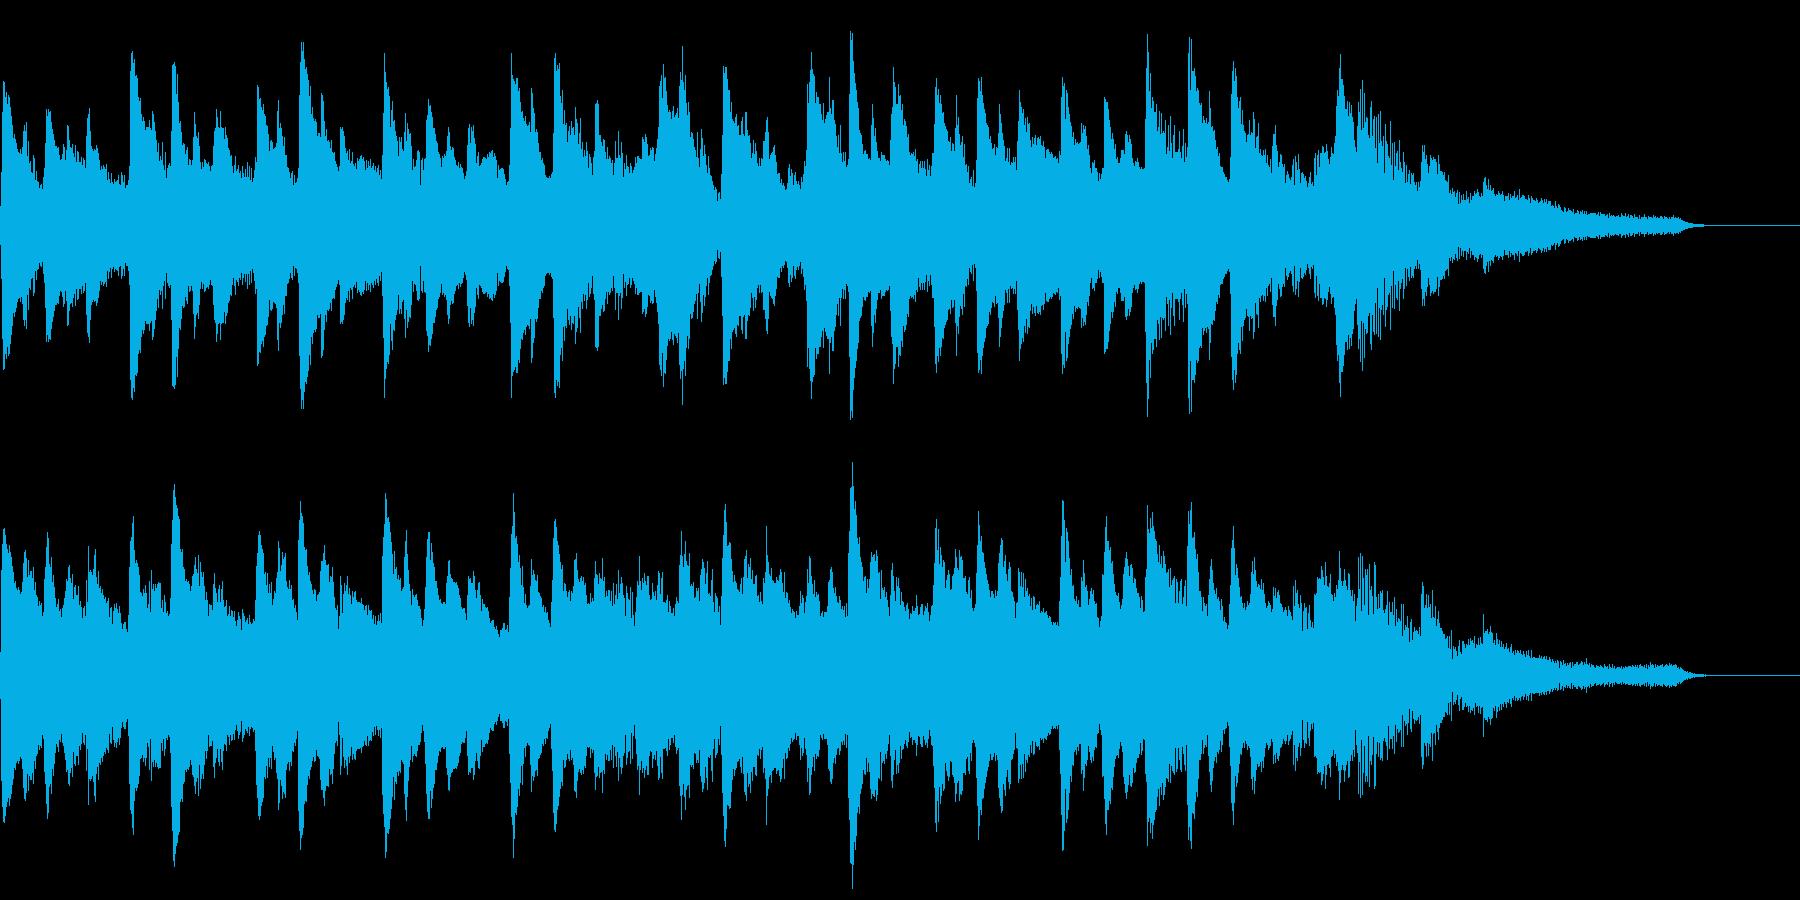 キラキラと切ないBGMの再生済みの波形